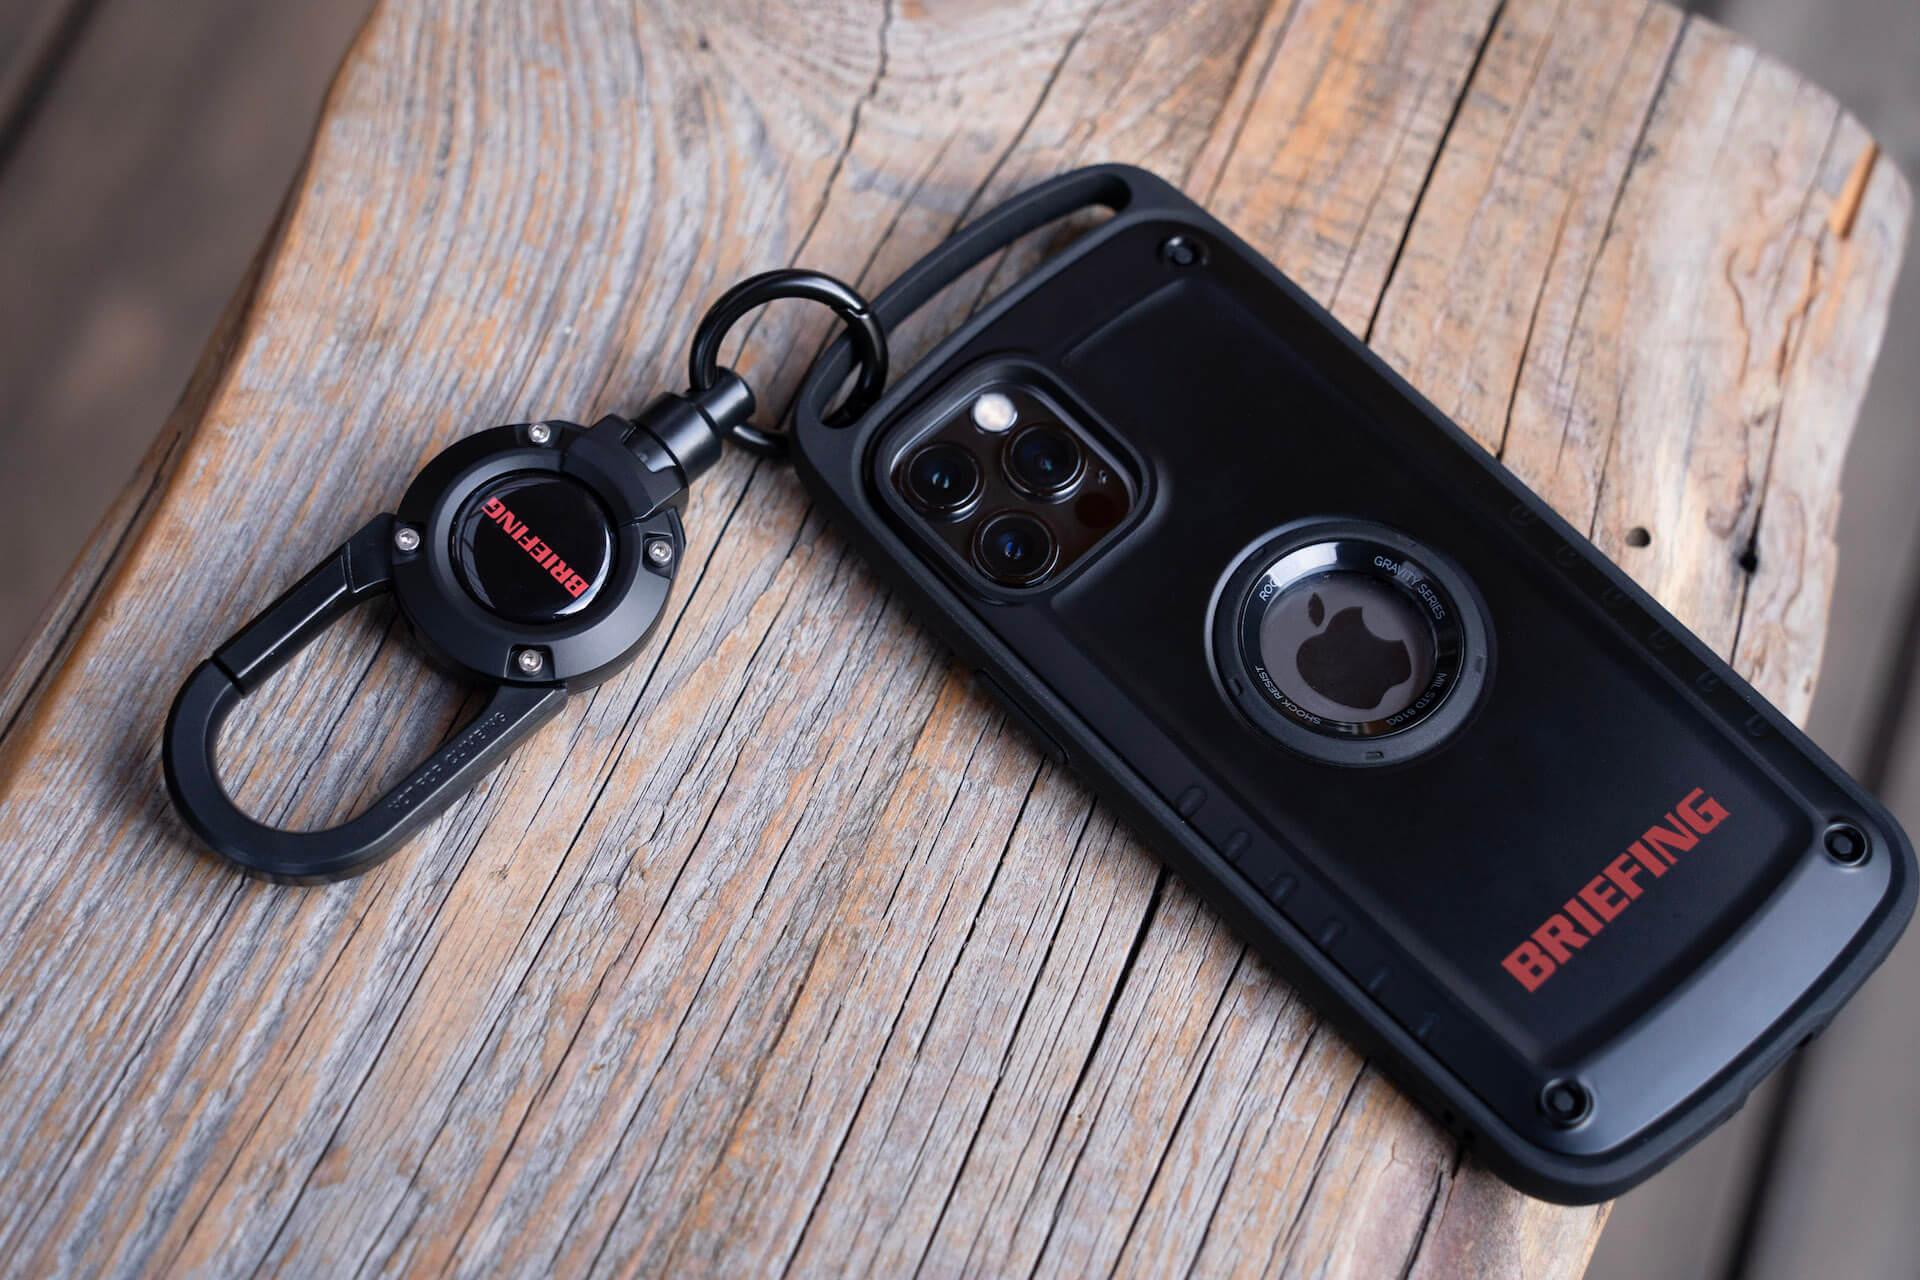 ROOTとBRIEFINGがコラボ!耐性試験に準拠したiPhone 12シリーズ用スマホケース&カラビナ付きキーホルダーが誕生 tech210219_root_briefing_8